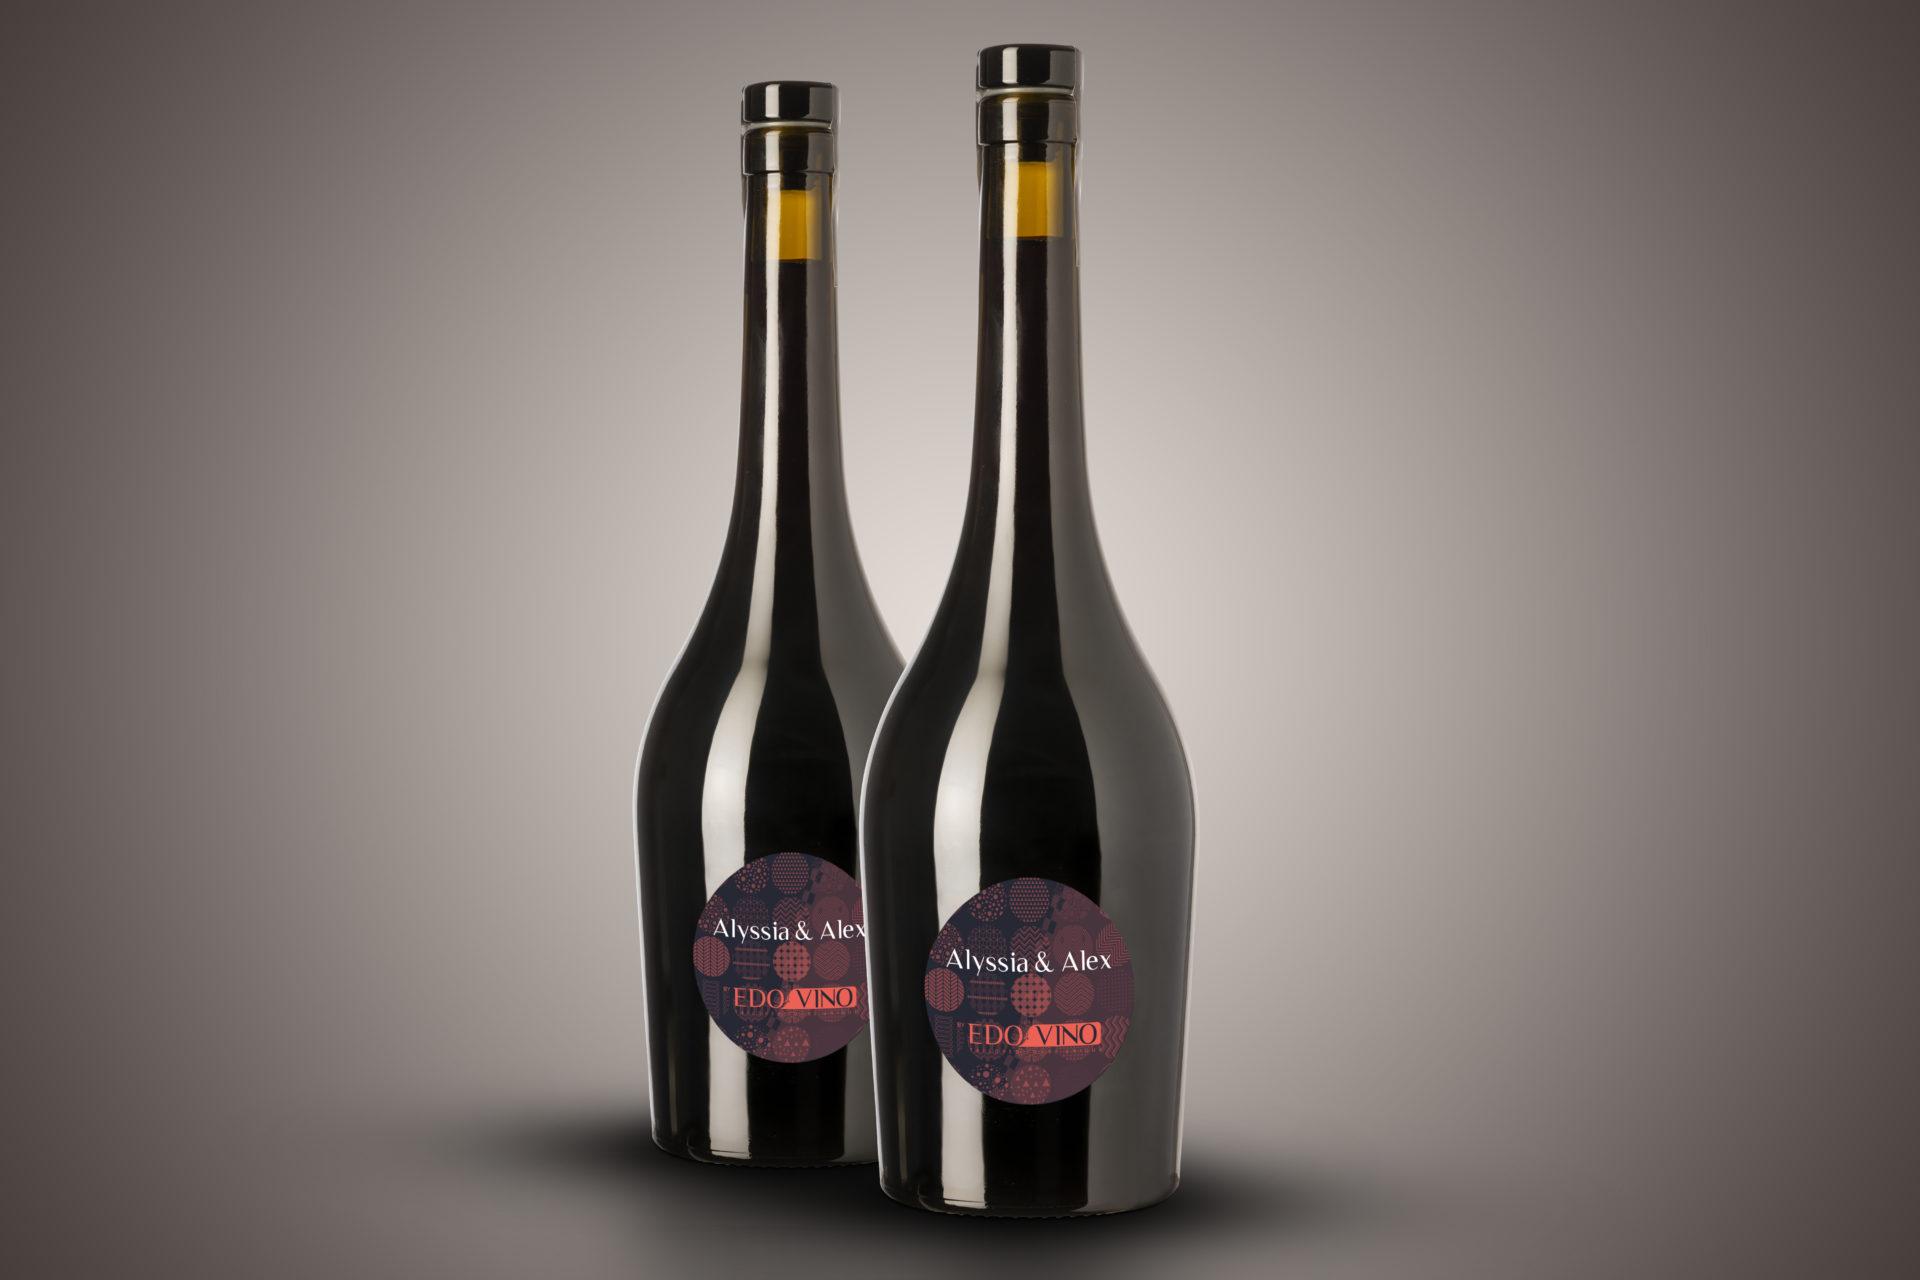 Bouteille de vin personnalisé pour mariage aux noms des mariés